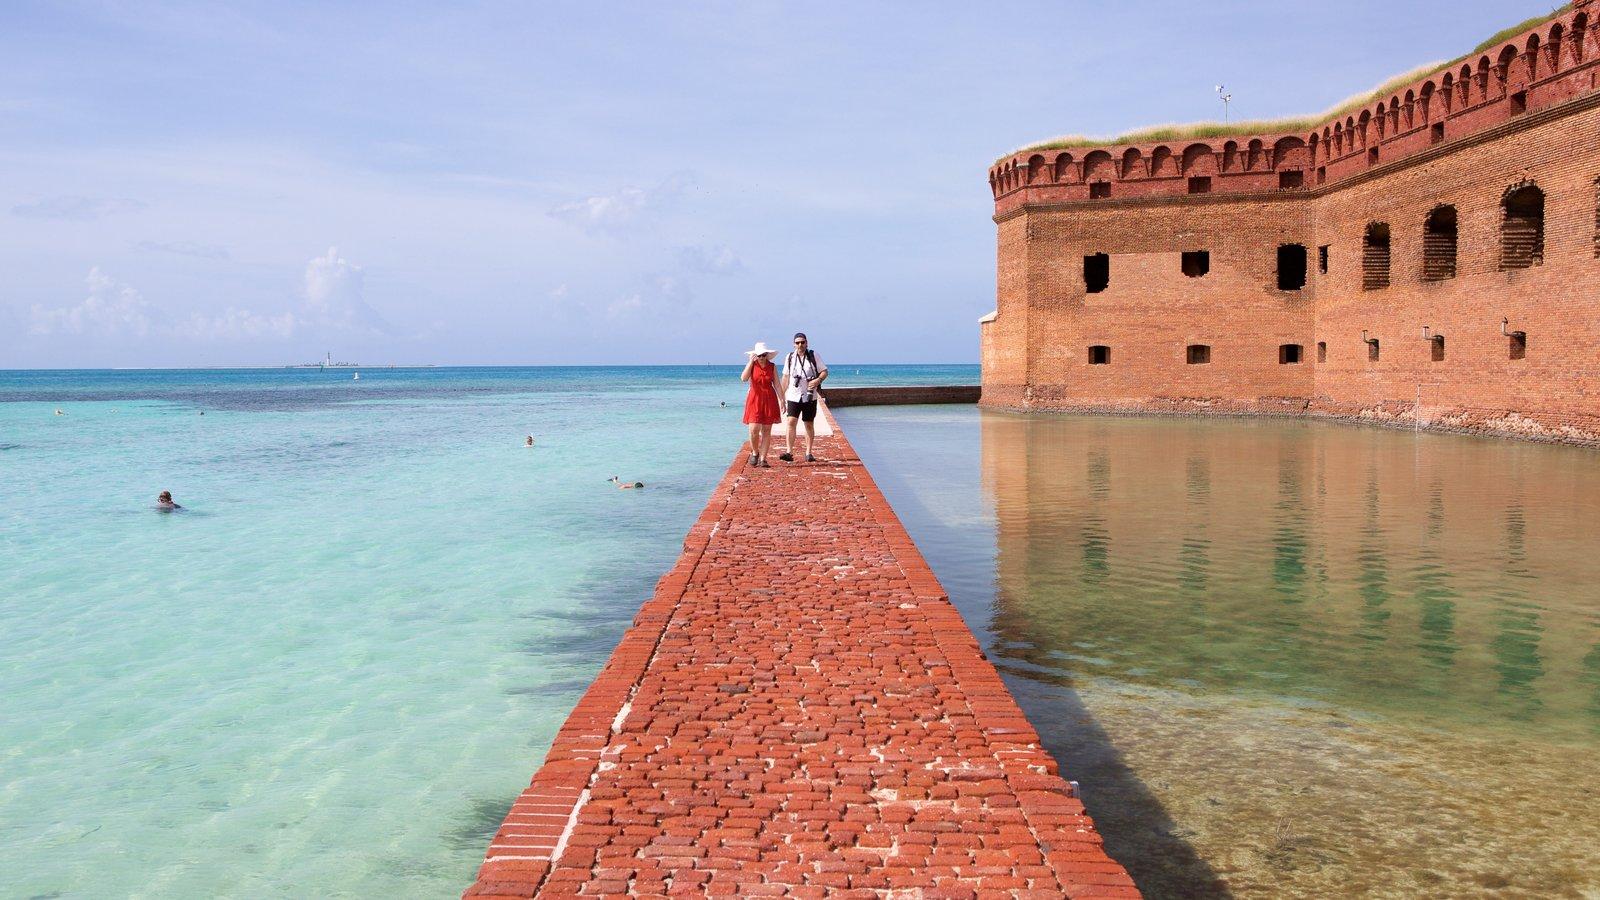 Dry Tortugas National Park caracterizando arquitetura de patrimônio e paisagens litorâneas assim como um casal